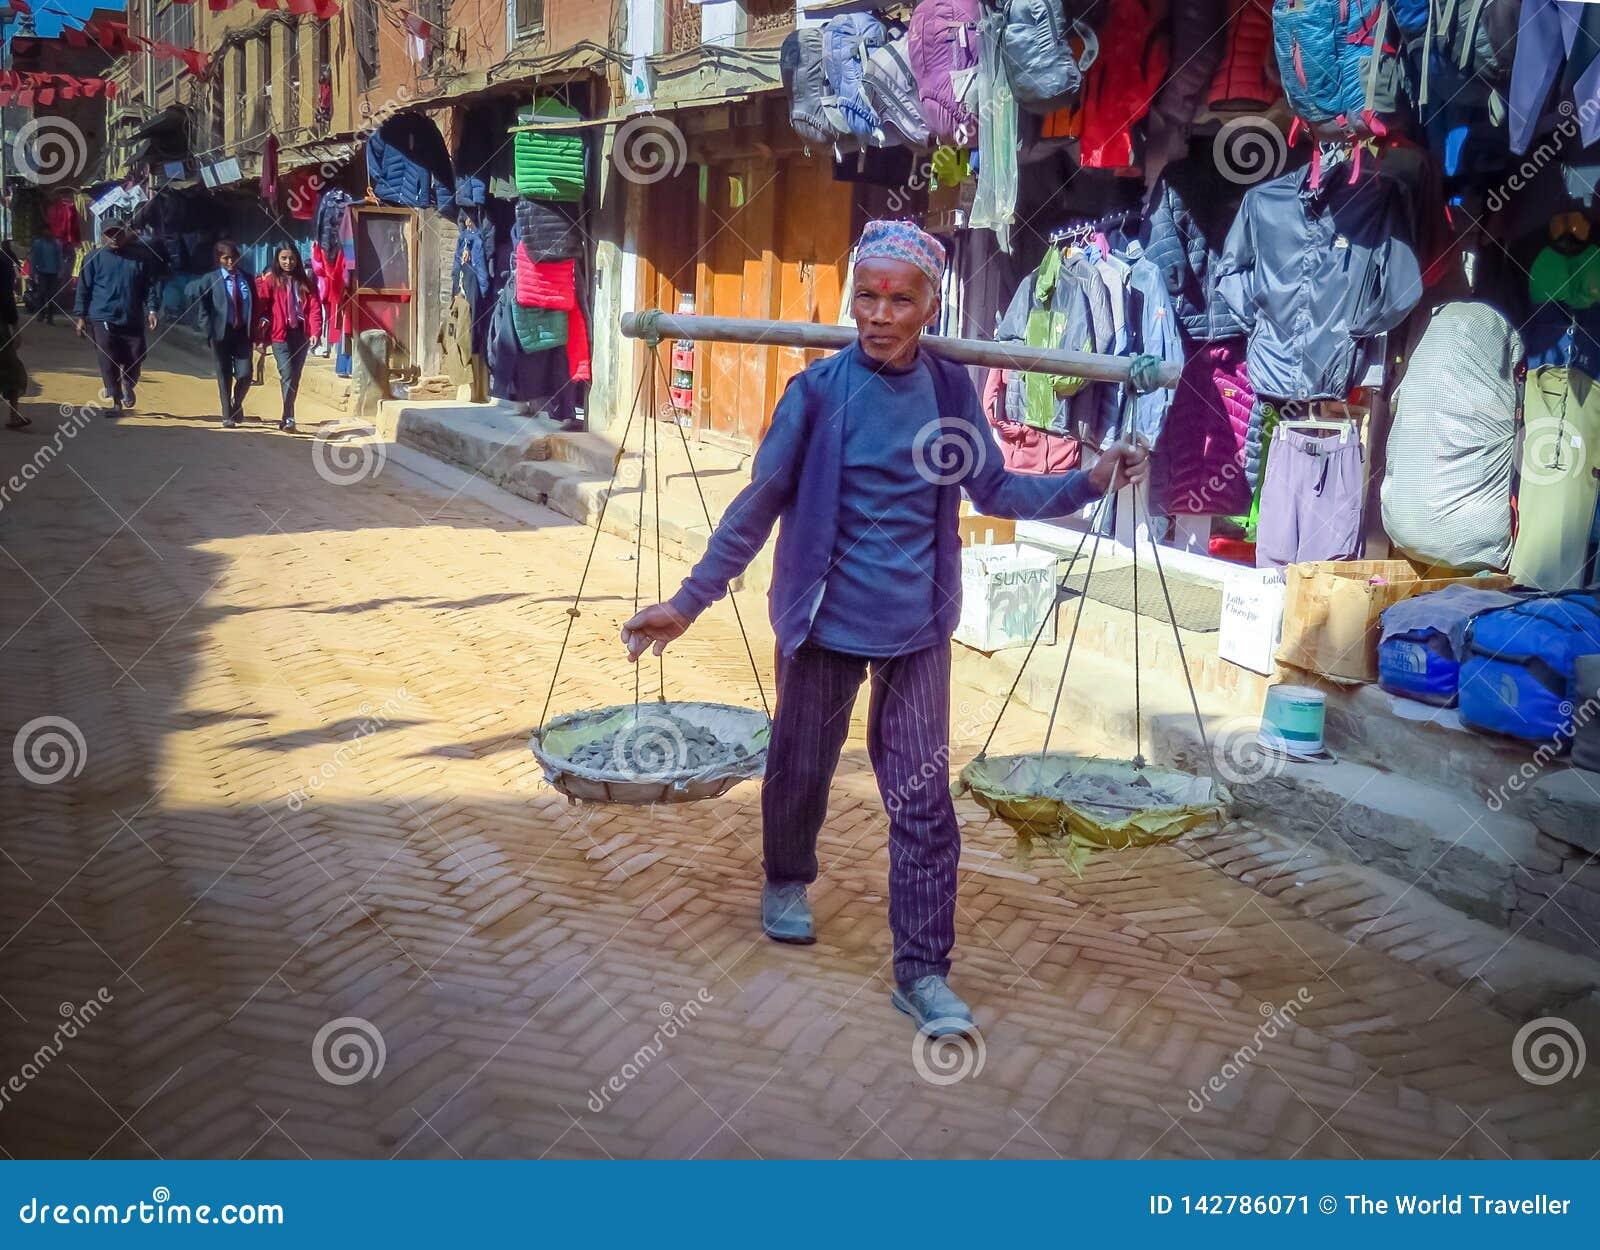 Mann in Einkaufsstraße von Bhaktapur, Nepal